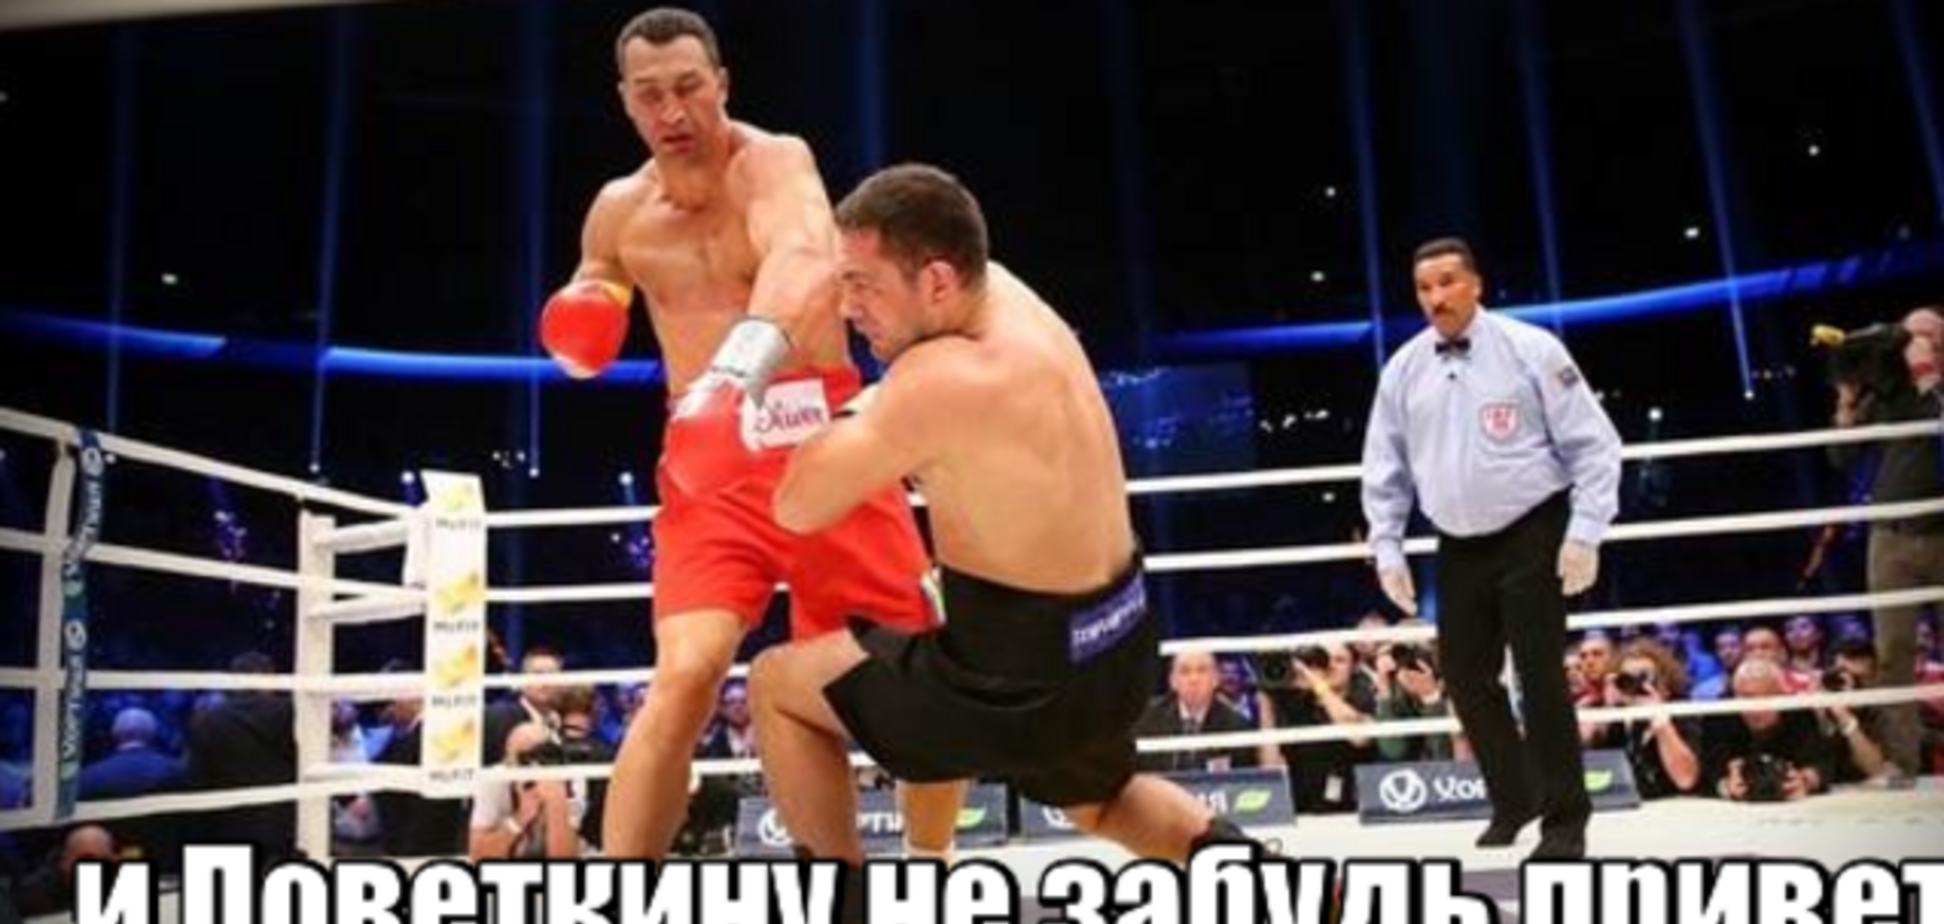 'Путин, вводи войска!' Фотожабы боя Кличко - Пулев взорвали интернет